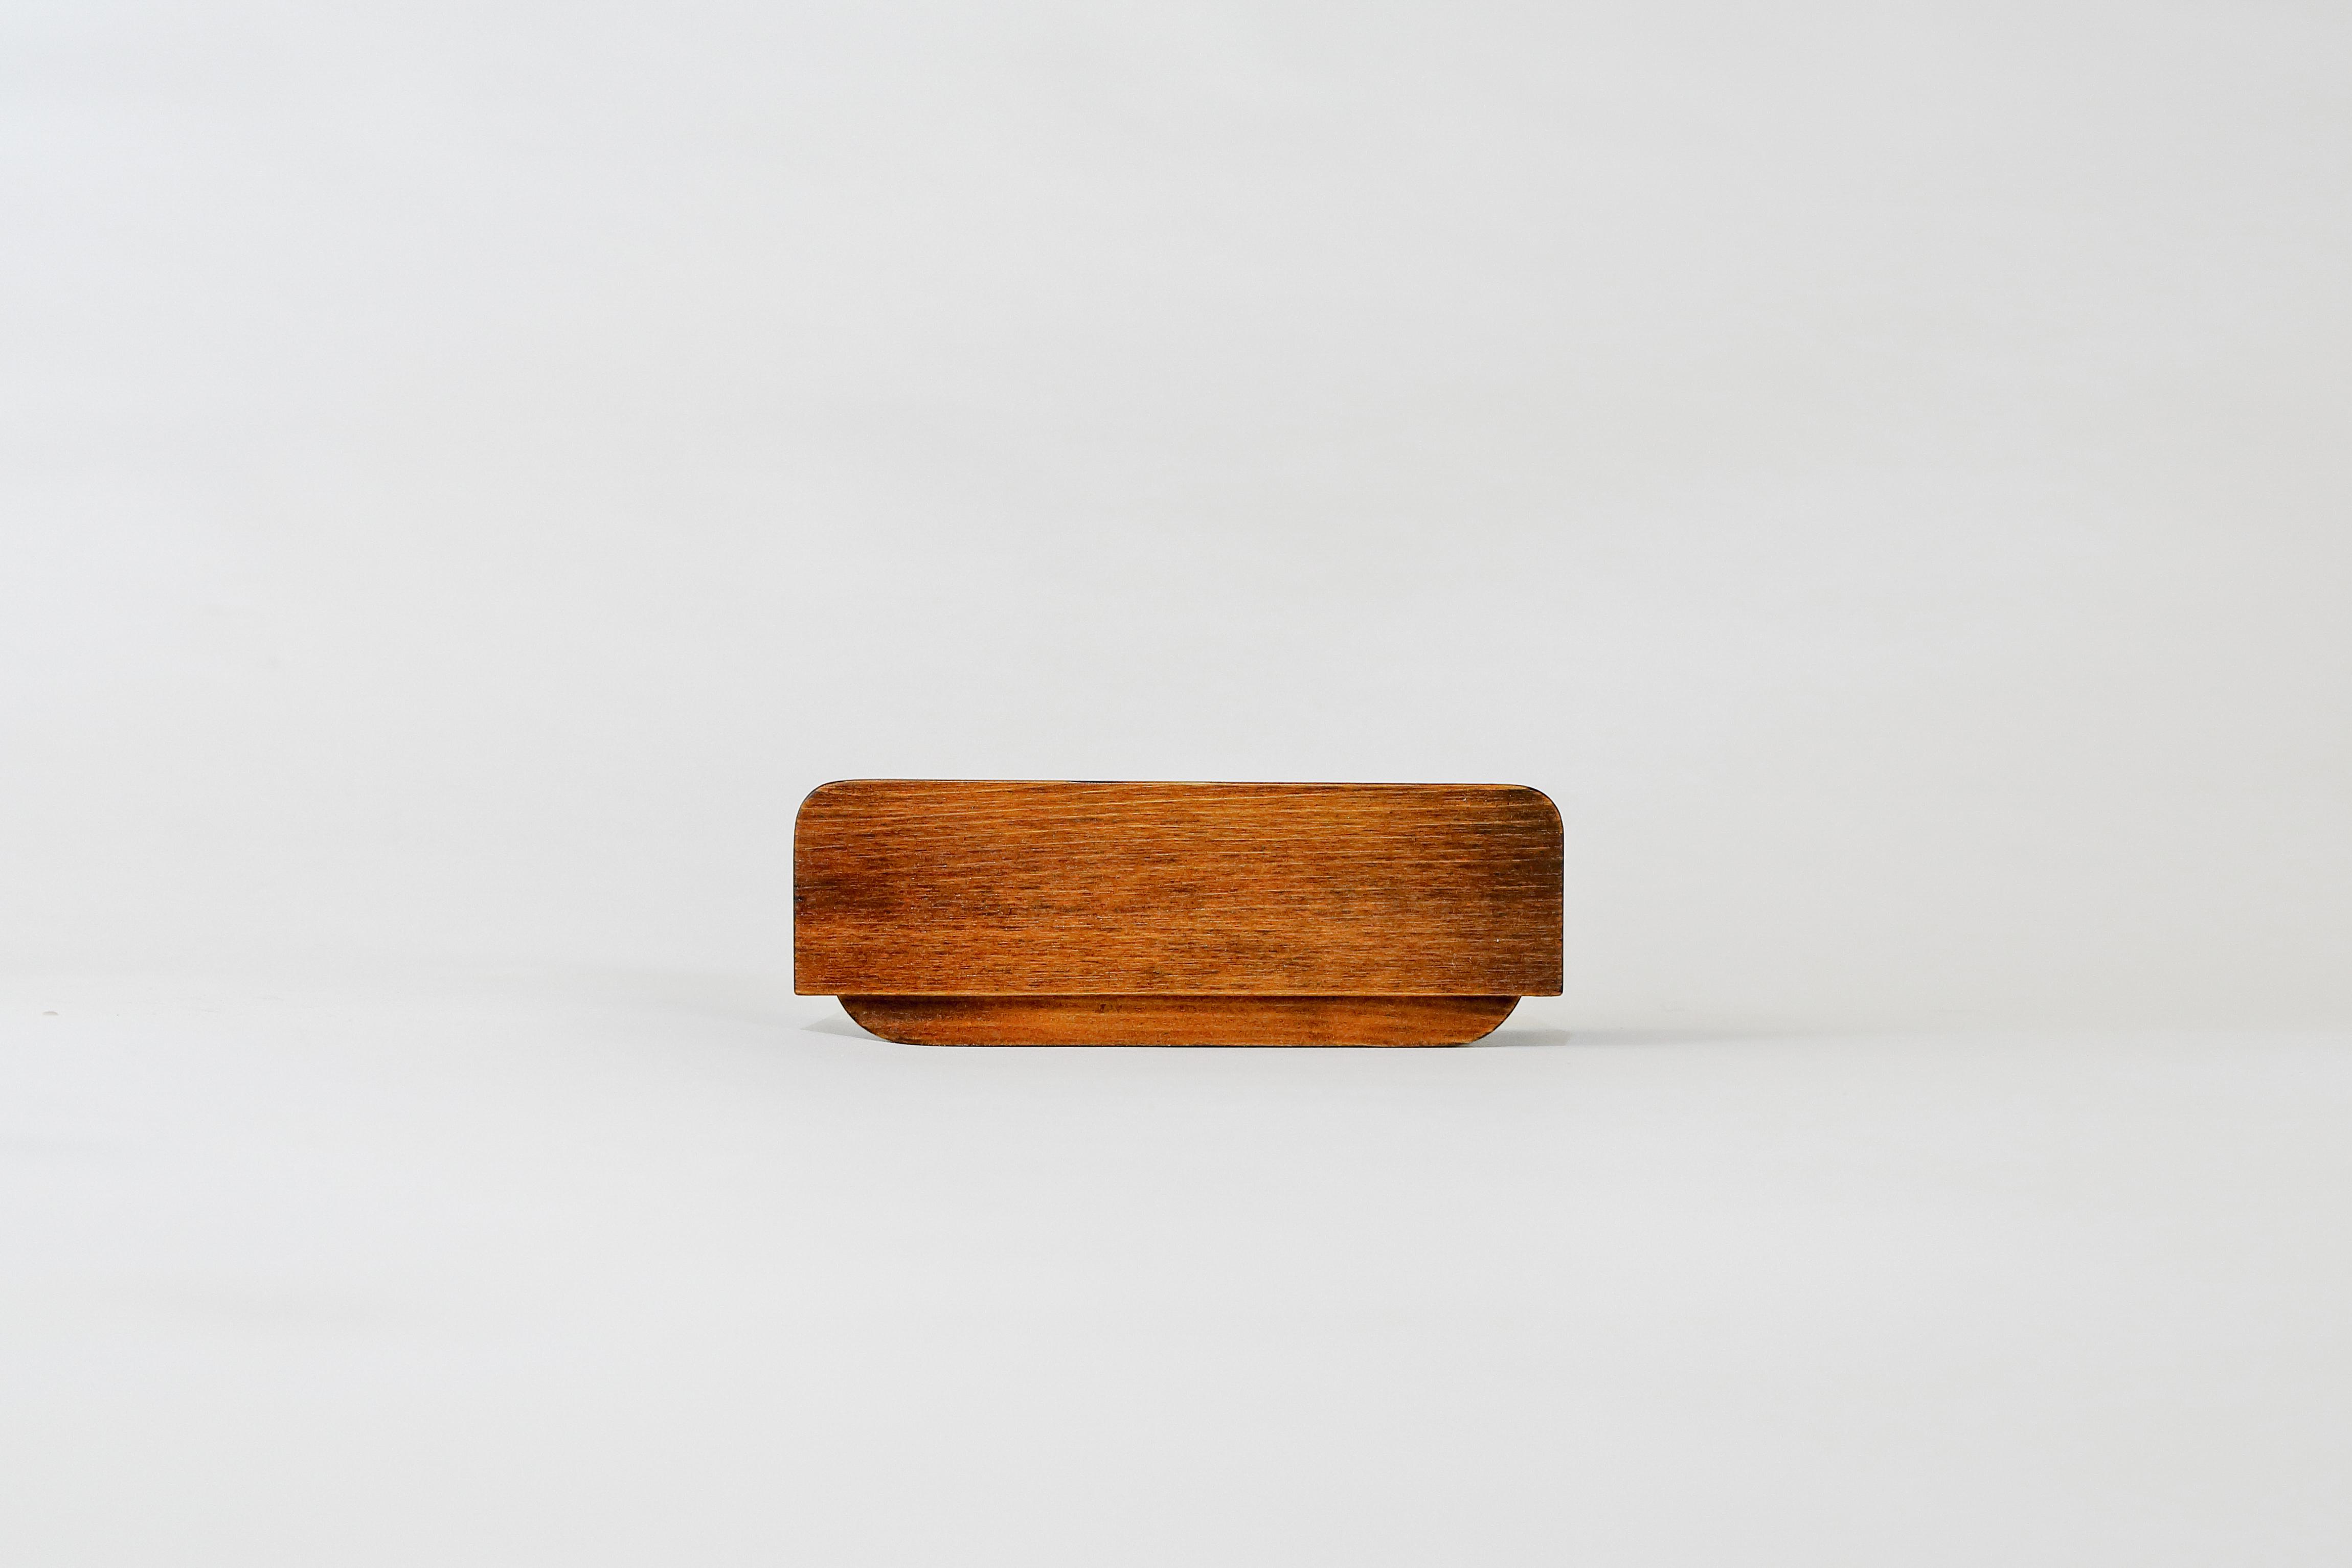 かぶせ弁当箱 漆仕上げ(小)